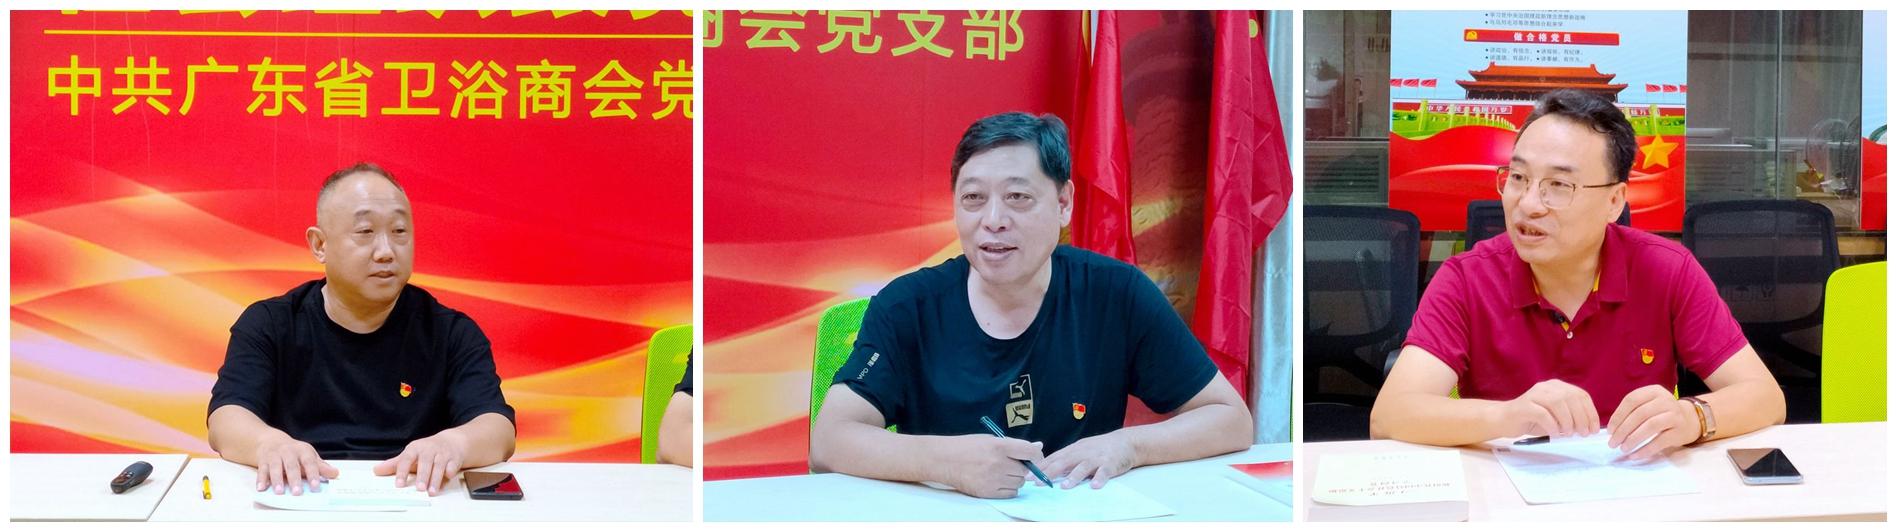 广东省卫浴商会党支部庆祝中国共产党建党100周年座谈会成功举行